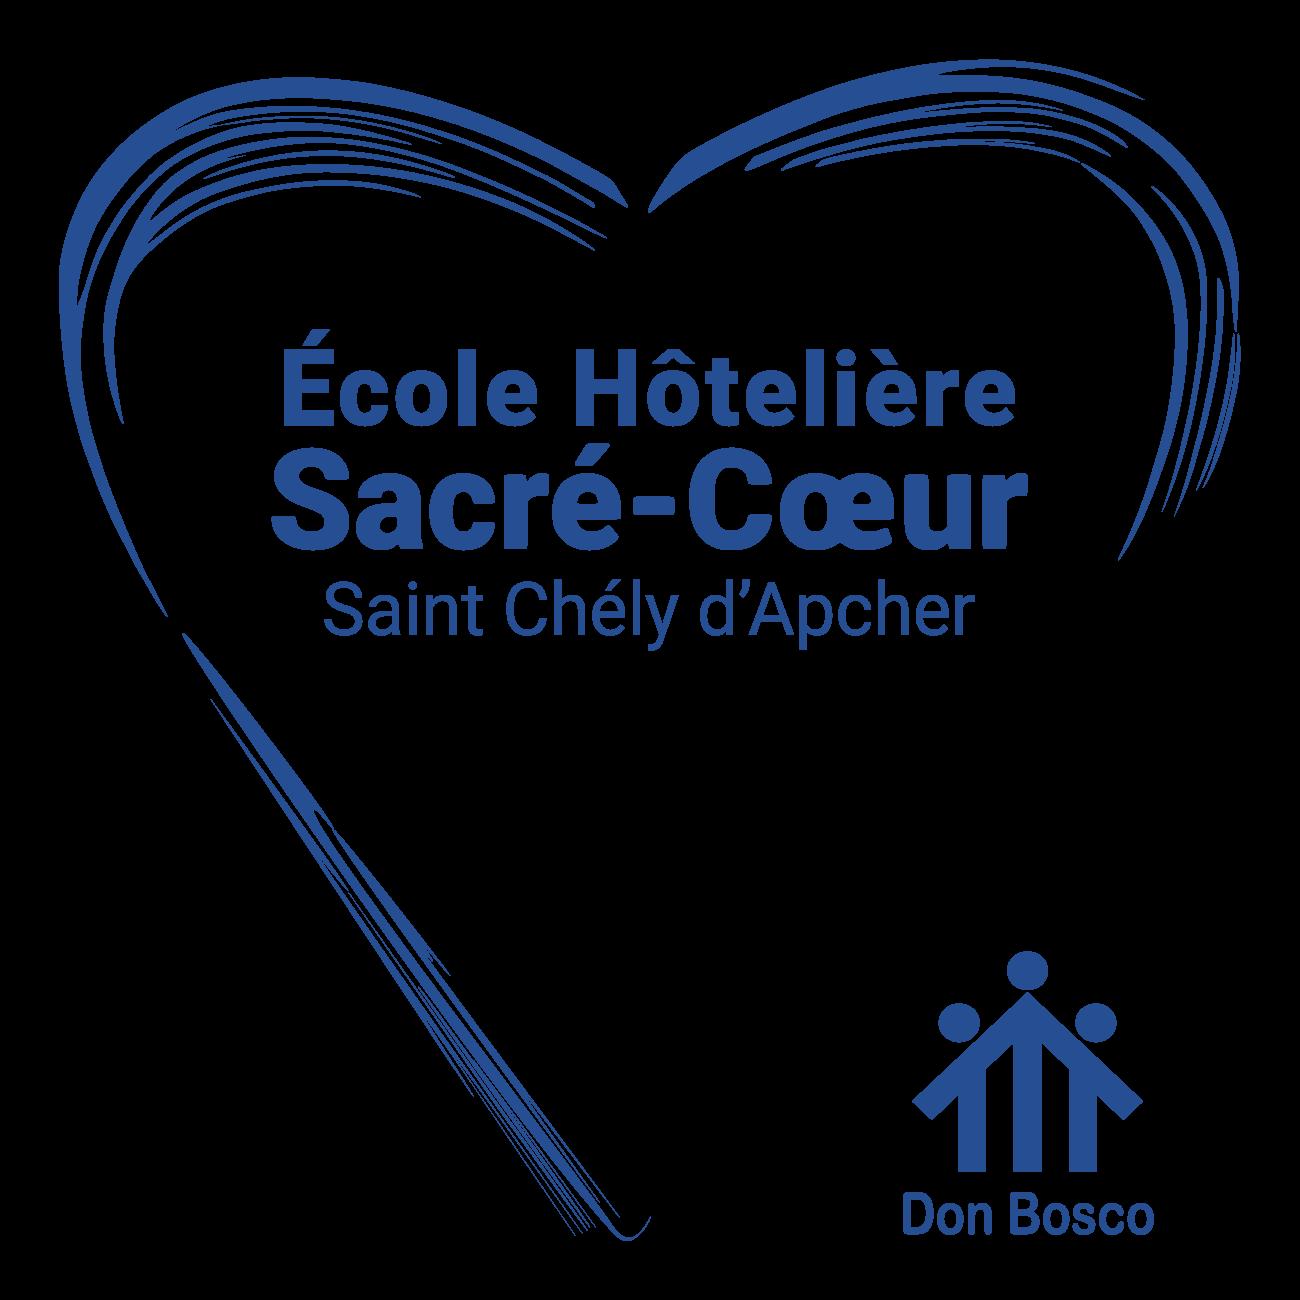 Ecole hôtelière Sacré-Coeur